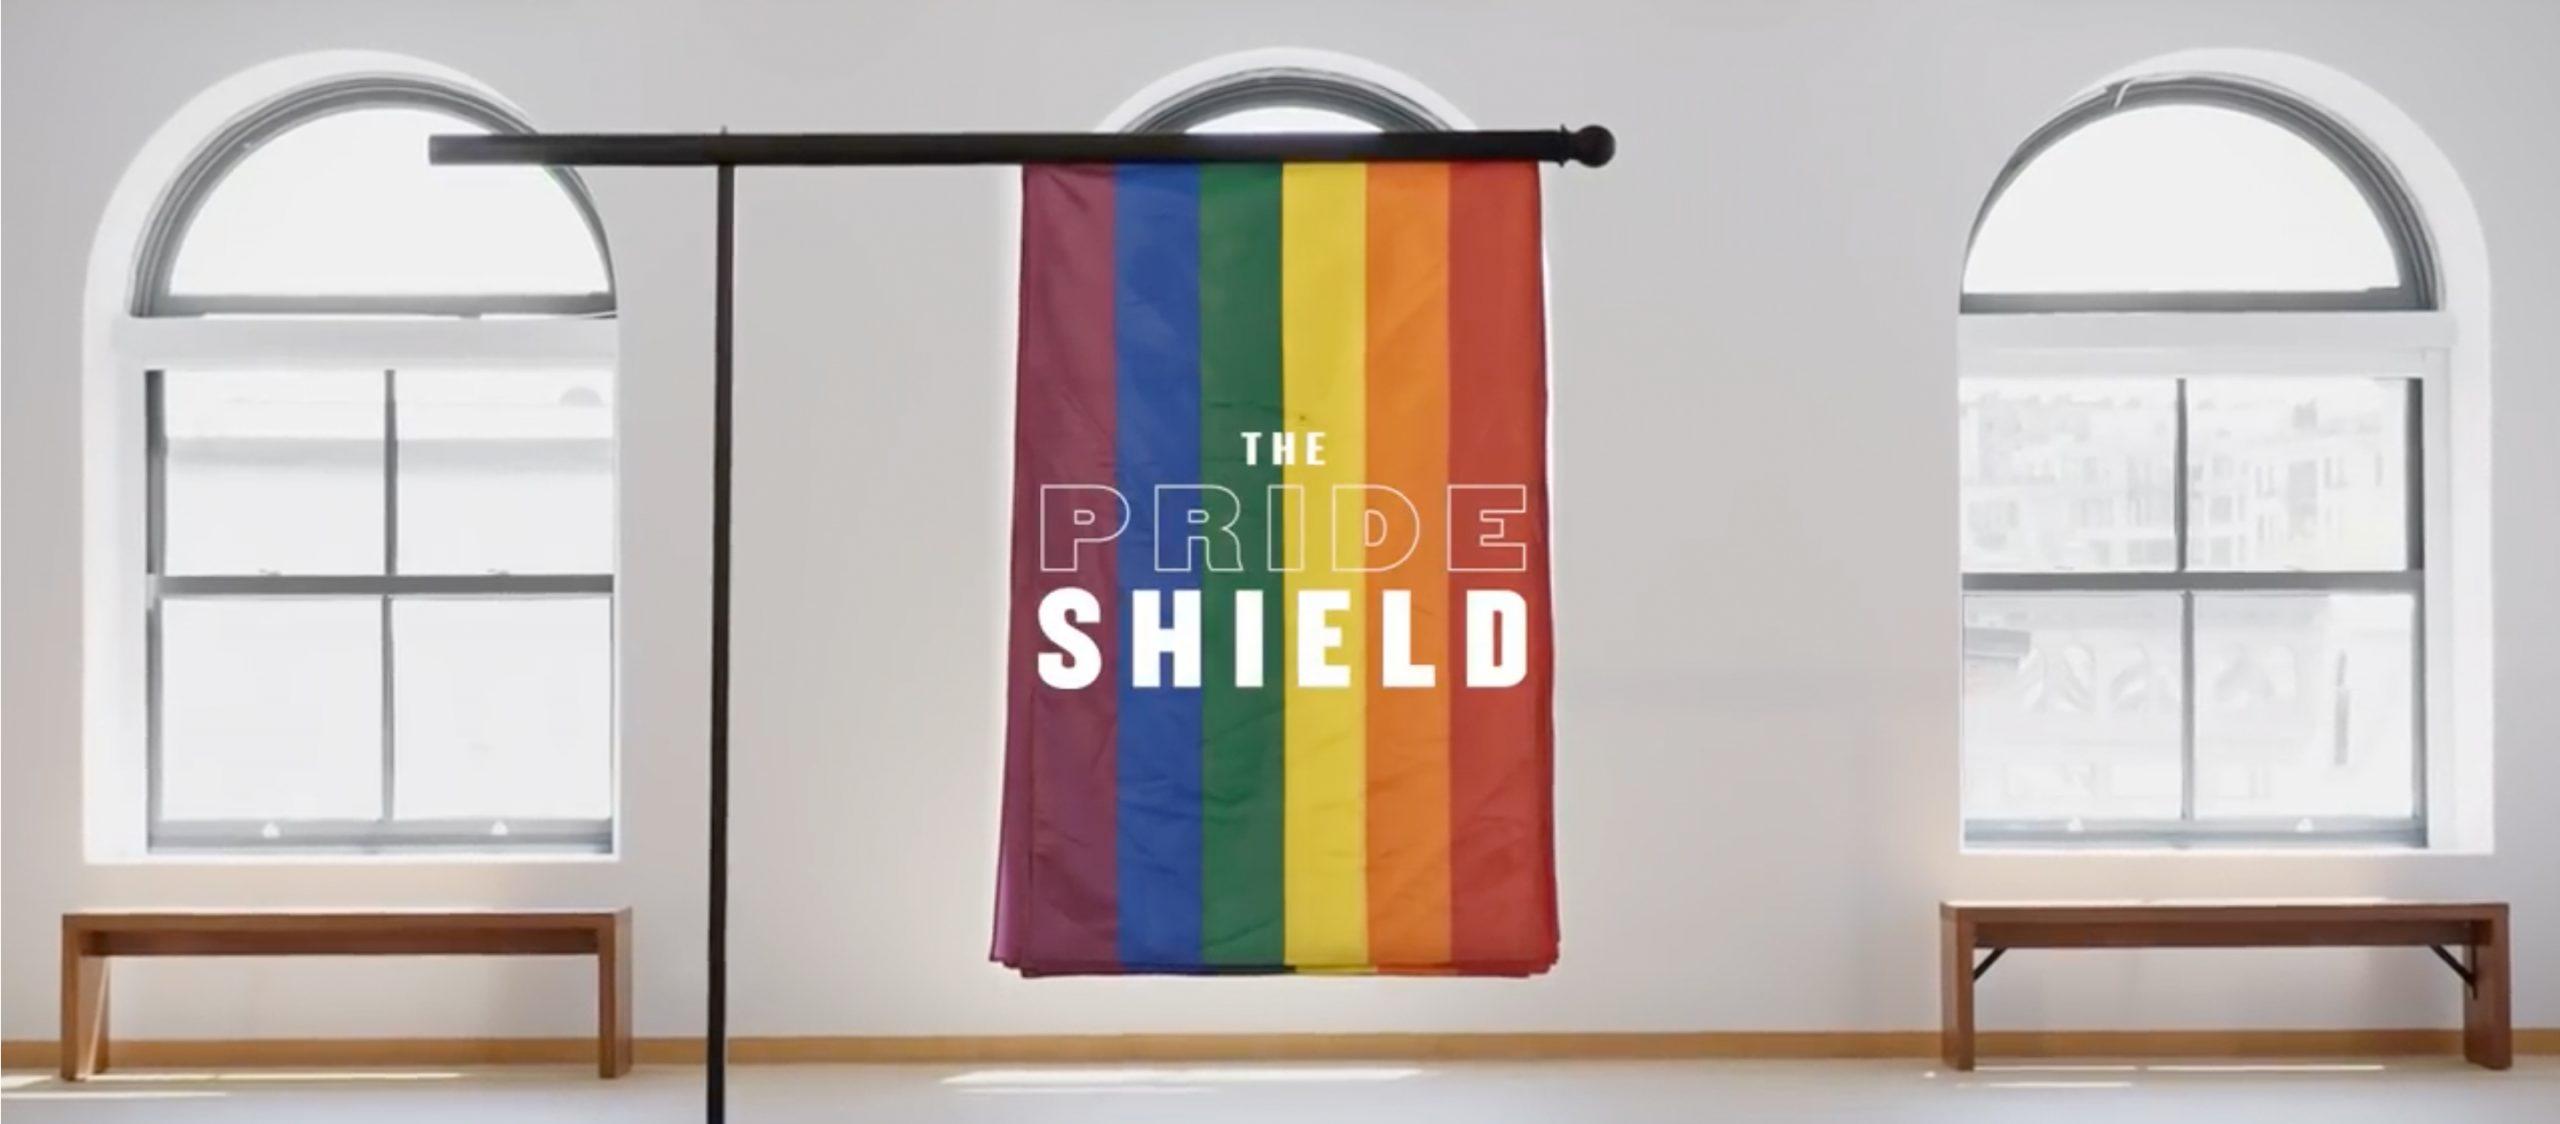 6 แคมเปญโฆษณาทรงพลังที่อยากส่งกำลังใจให้เหล่า LGBTQ